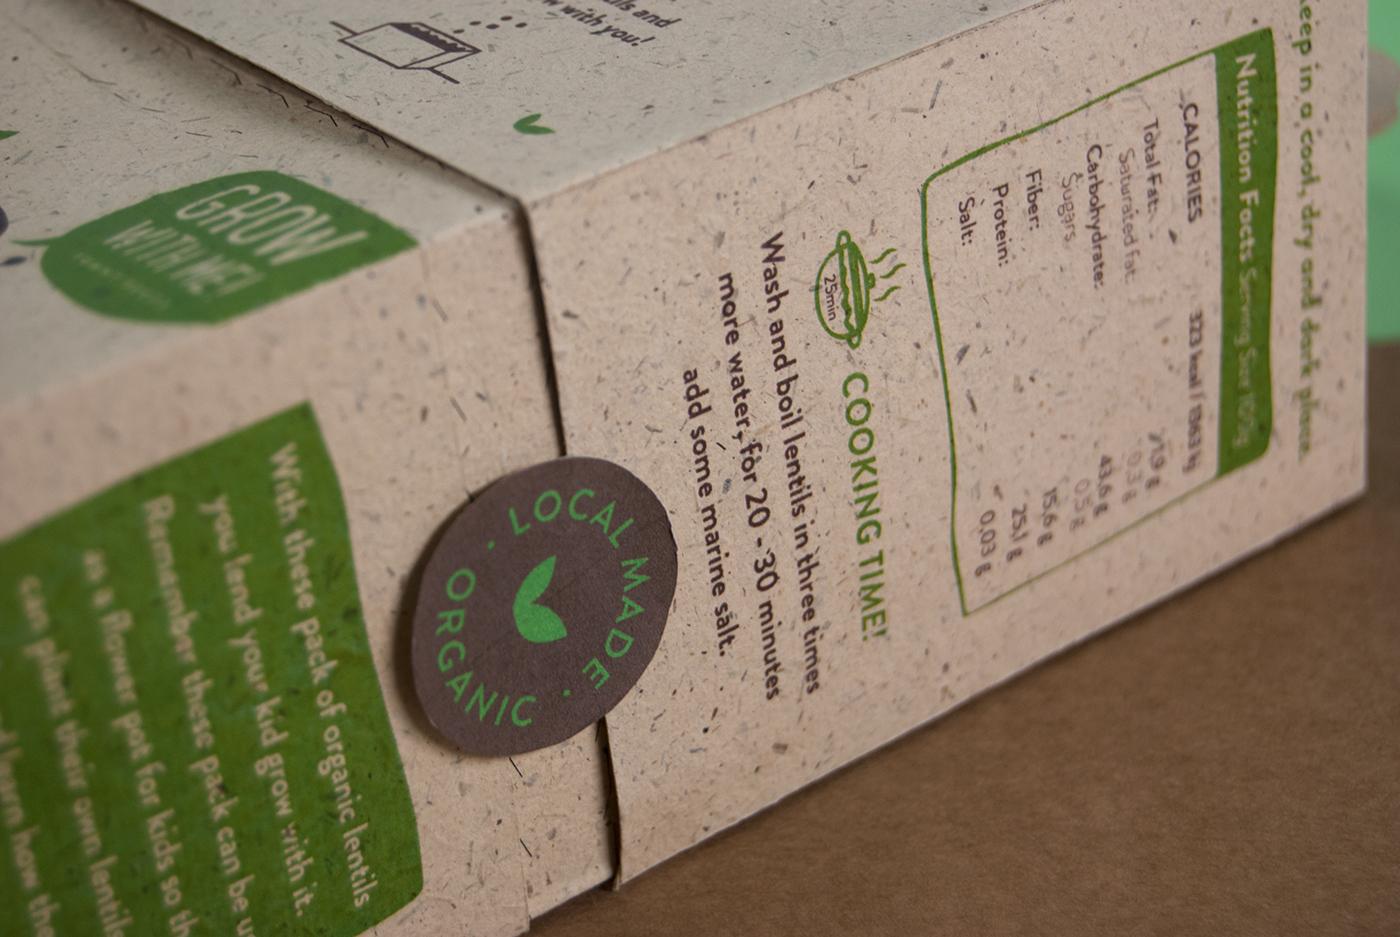 legumes ecopackaging recycle eco children kids elisava